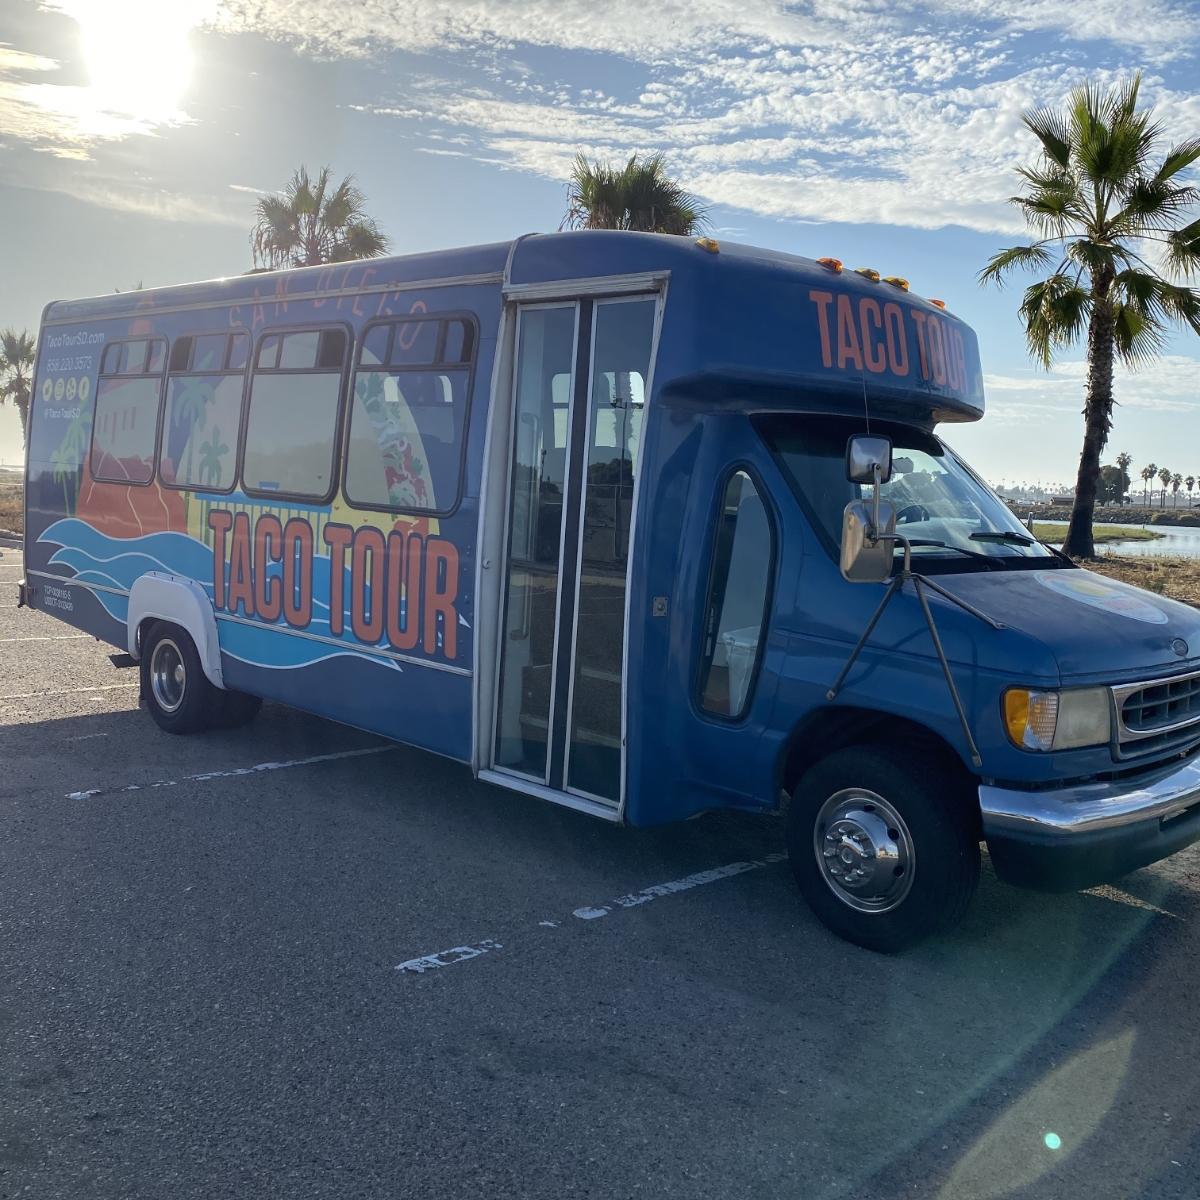 Taco Tour San Diego